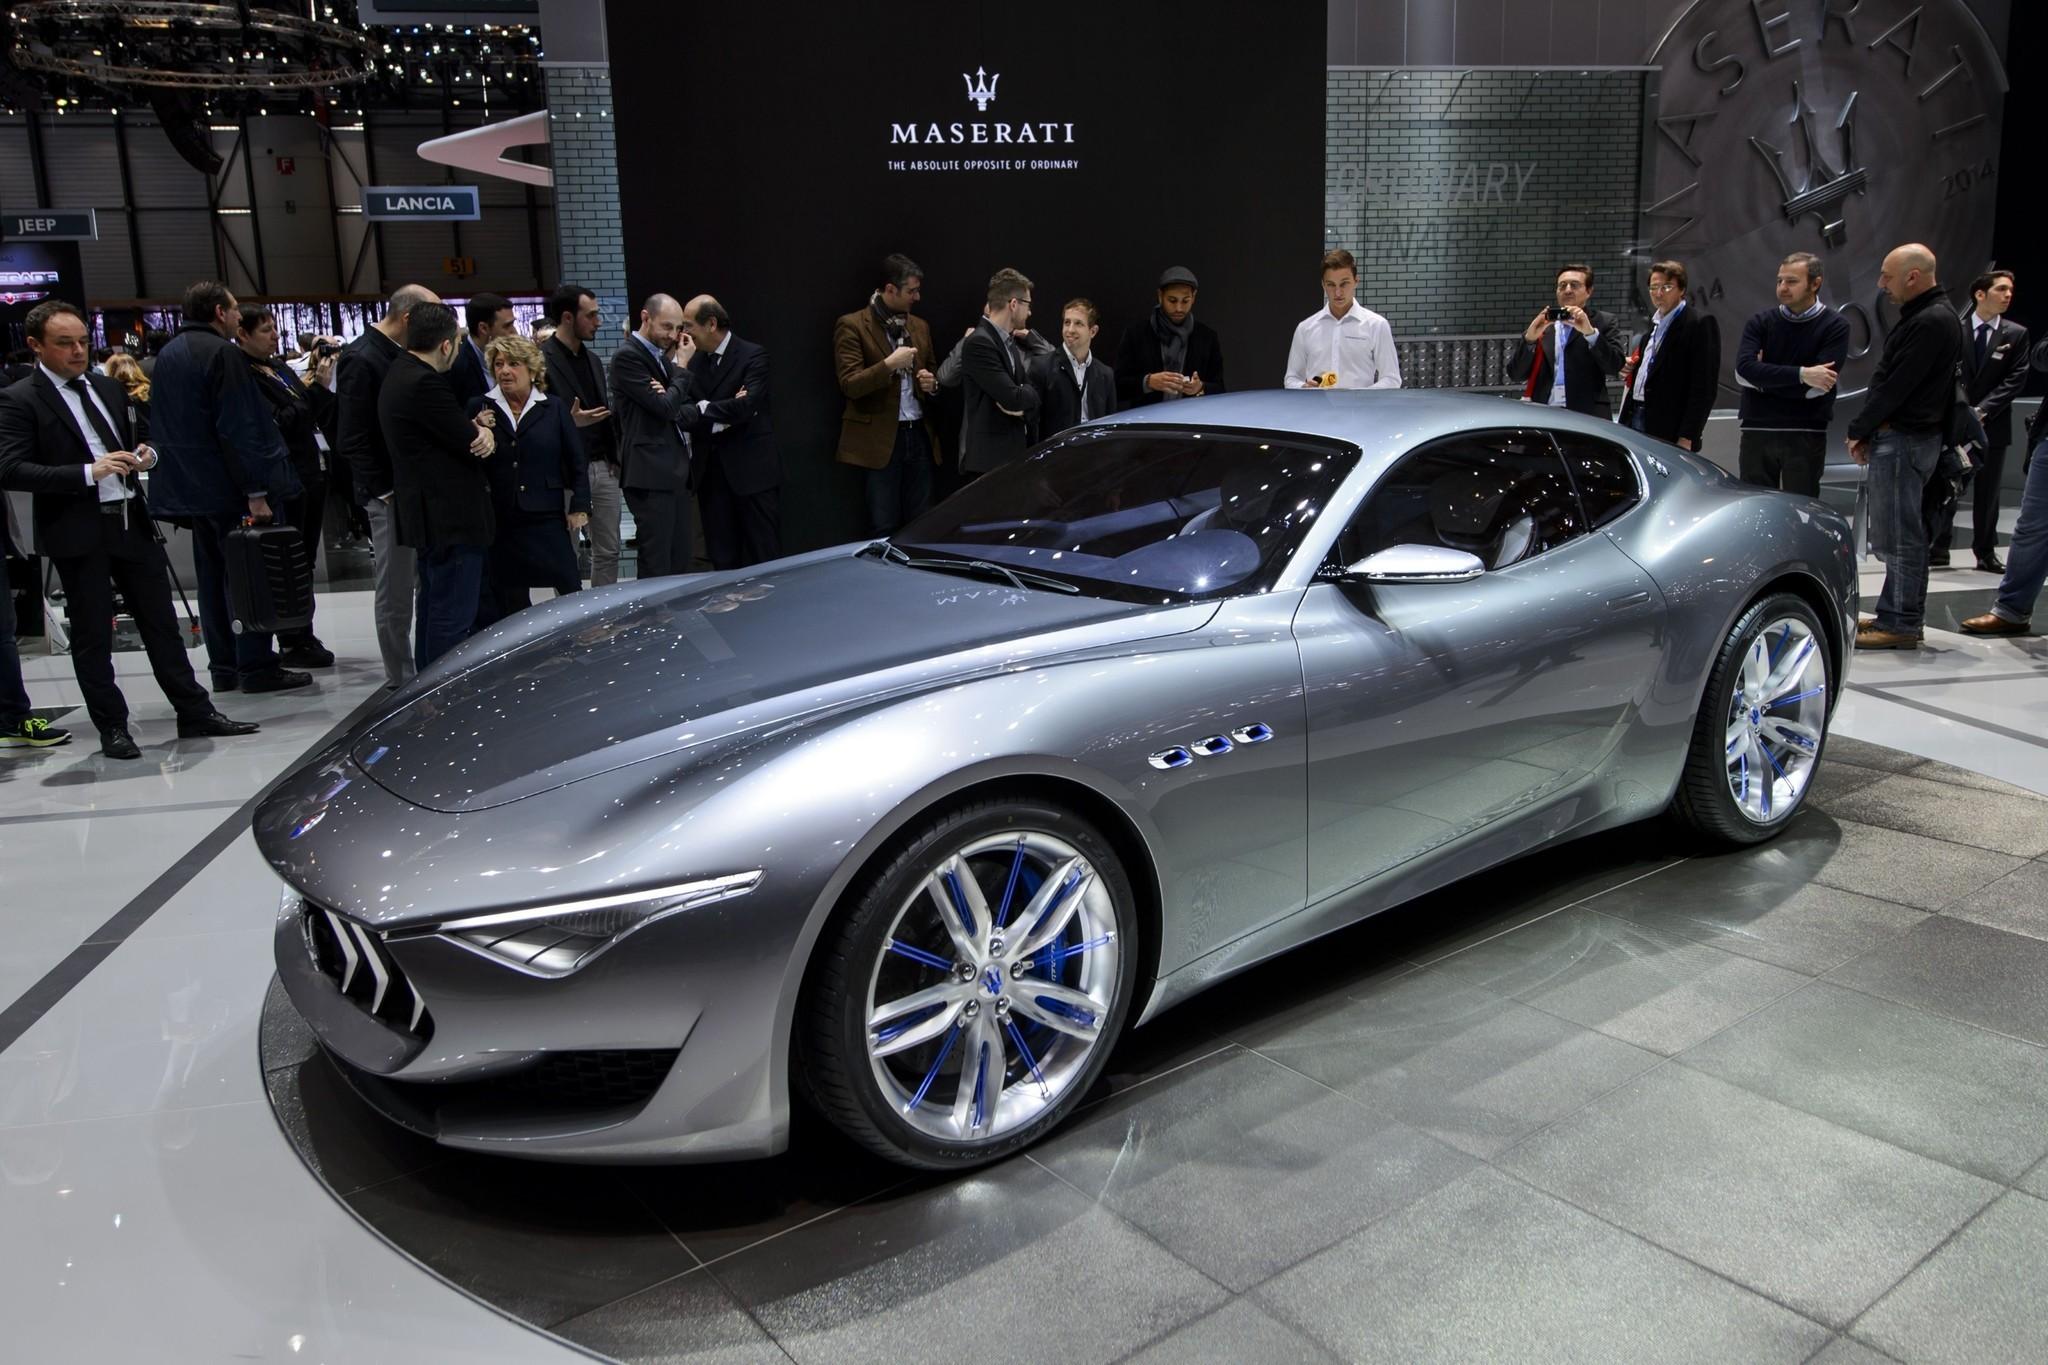 Risultati immagini per Maserati Alfieri - l'auto sportiva elettrica che prenderà il Tesla Roadster foto